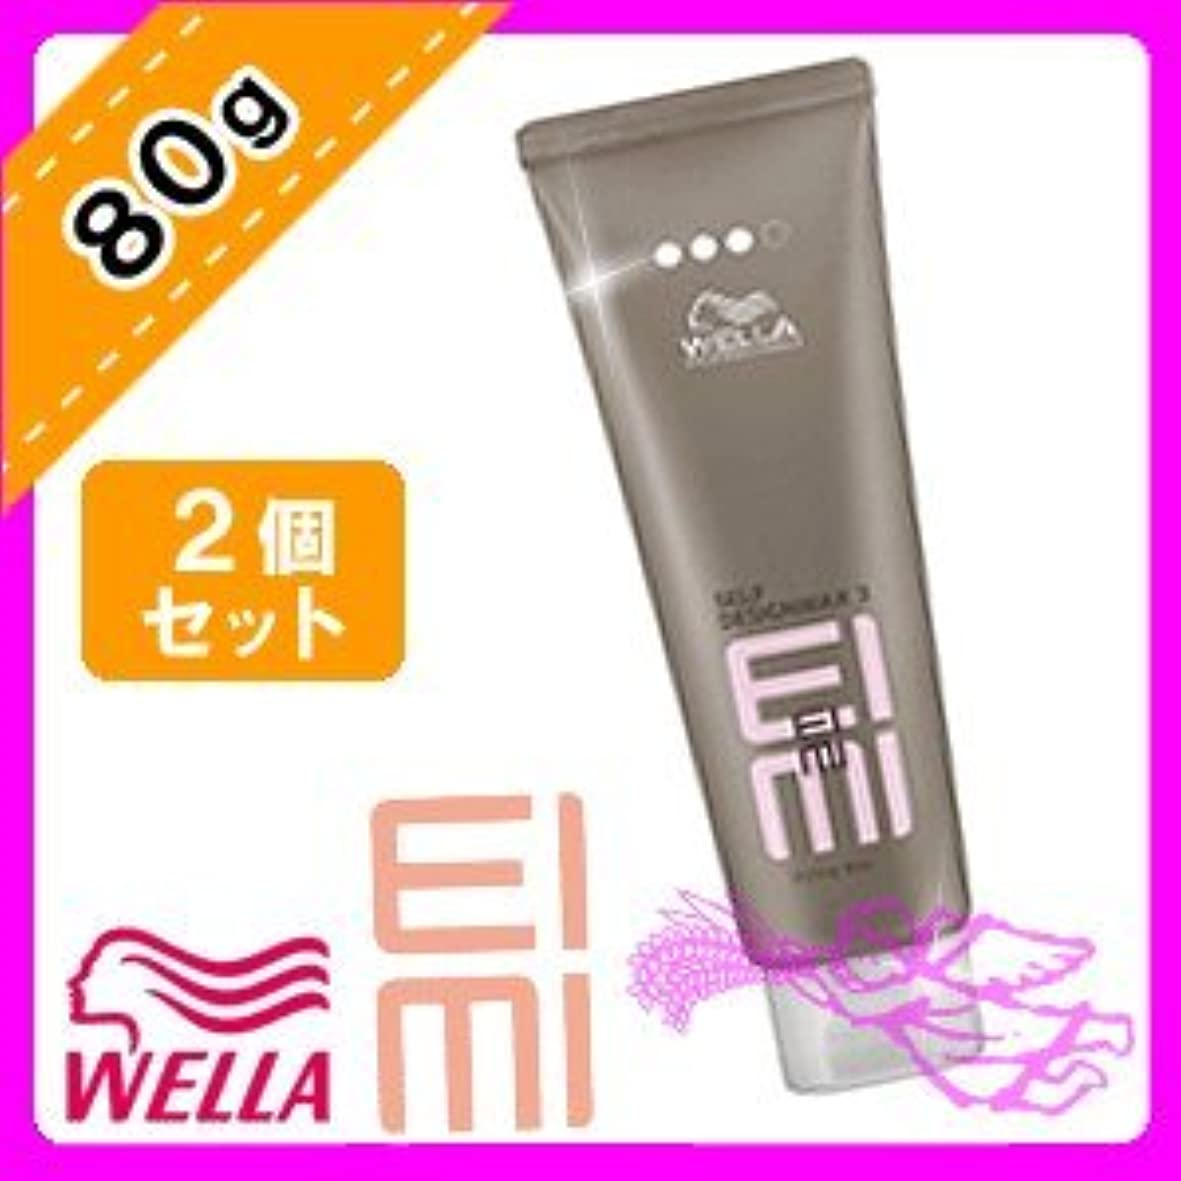 サーバ偏見湿気の多いウエラ EIMI(アイミィ) セルフデザインワックス3 80g ×2個 セット WELLA P&G